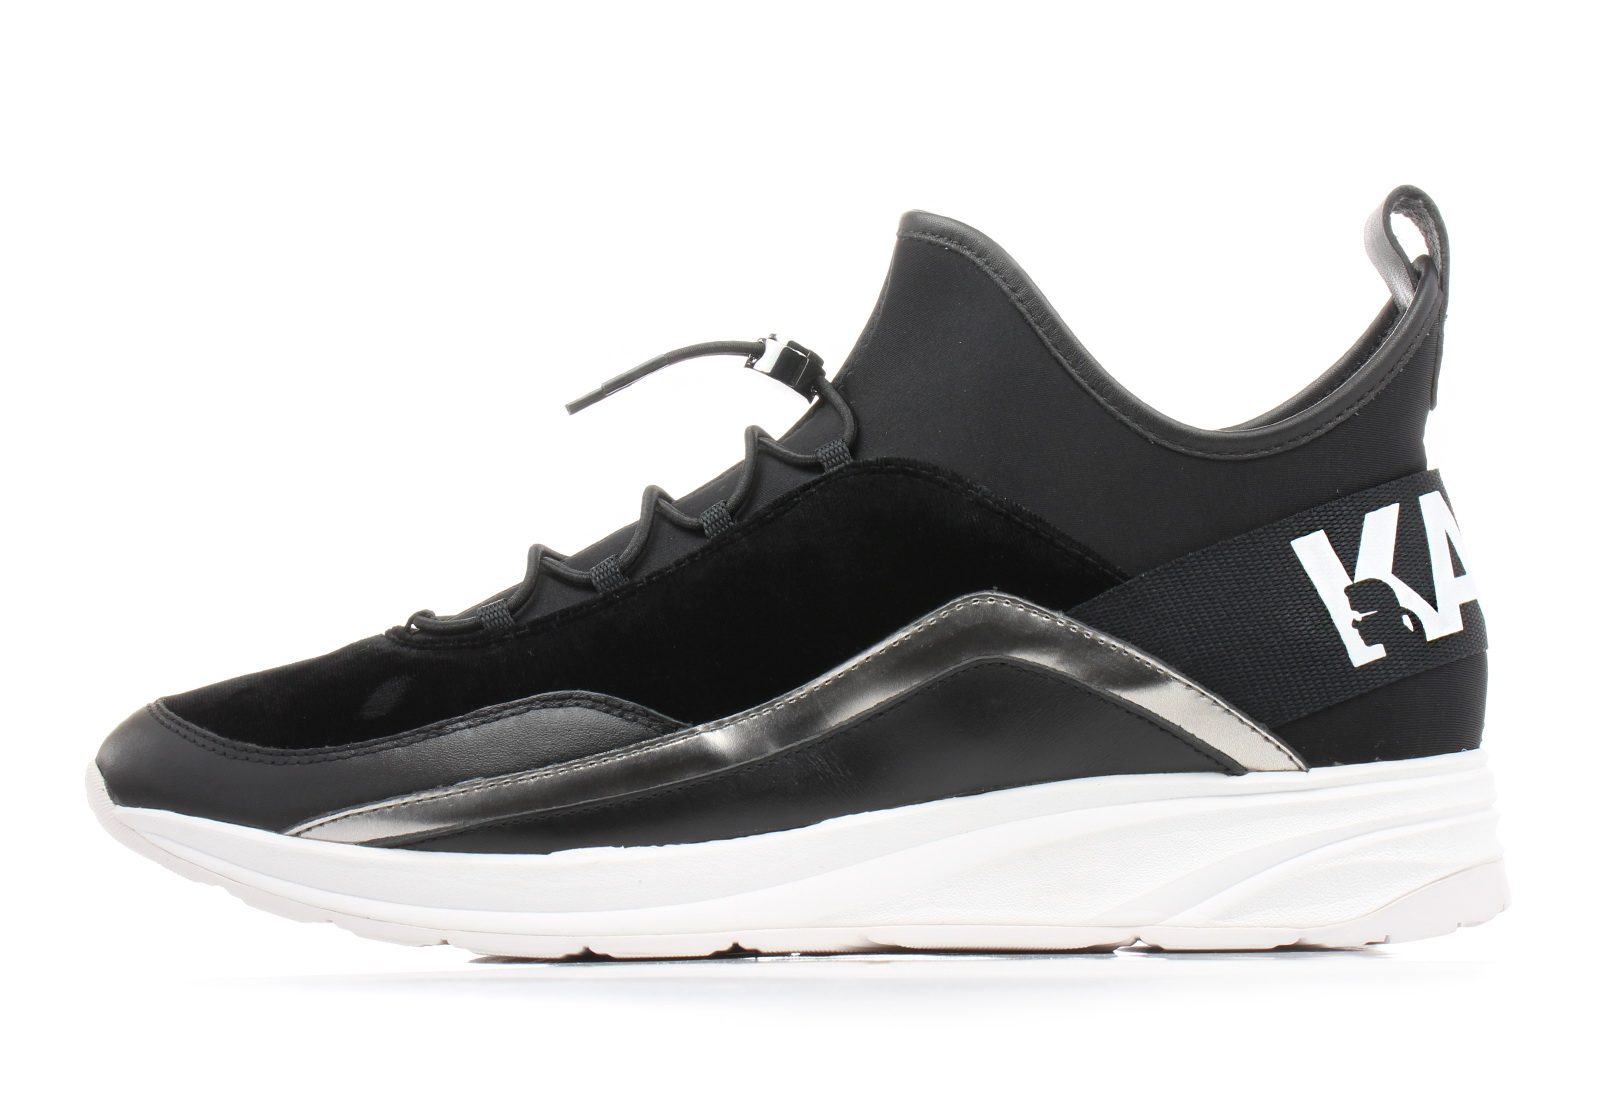 1ac6fa83f9 Karl Lagerfeld Shoes - Vektor Sock Runner - KL51125-400 - Online ...